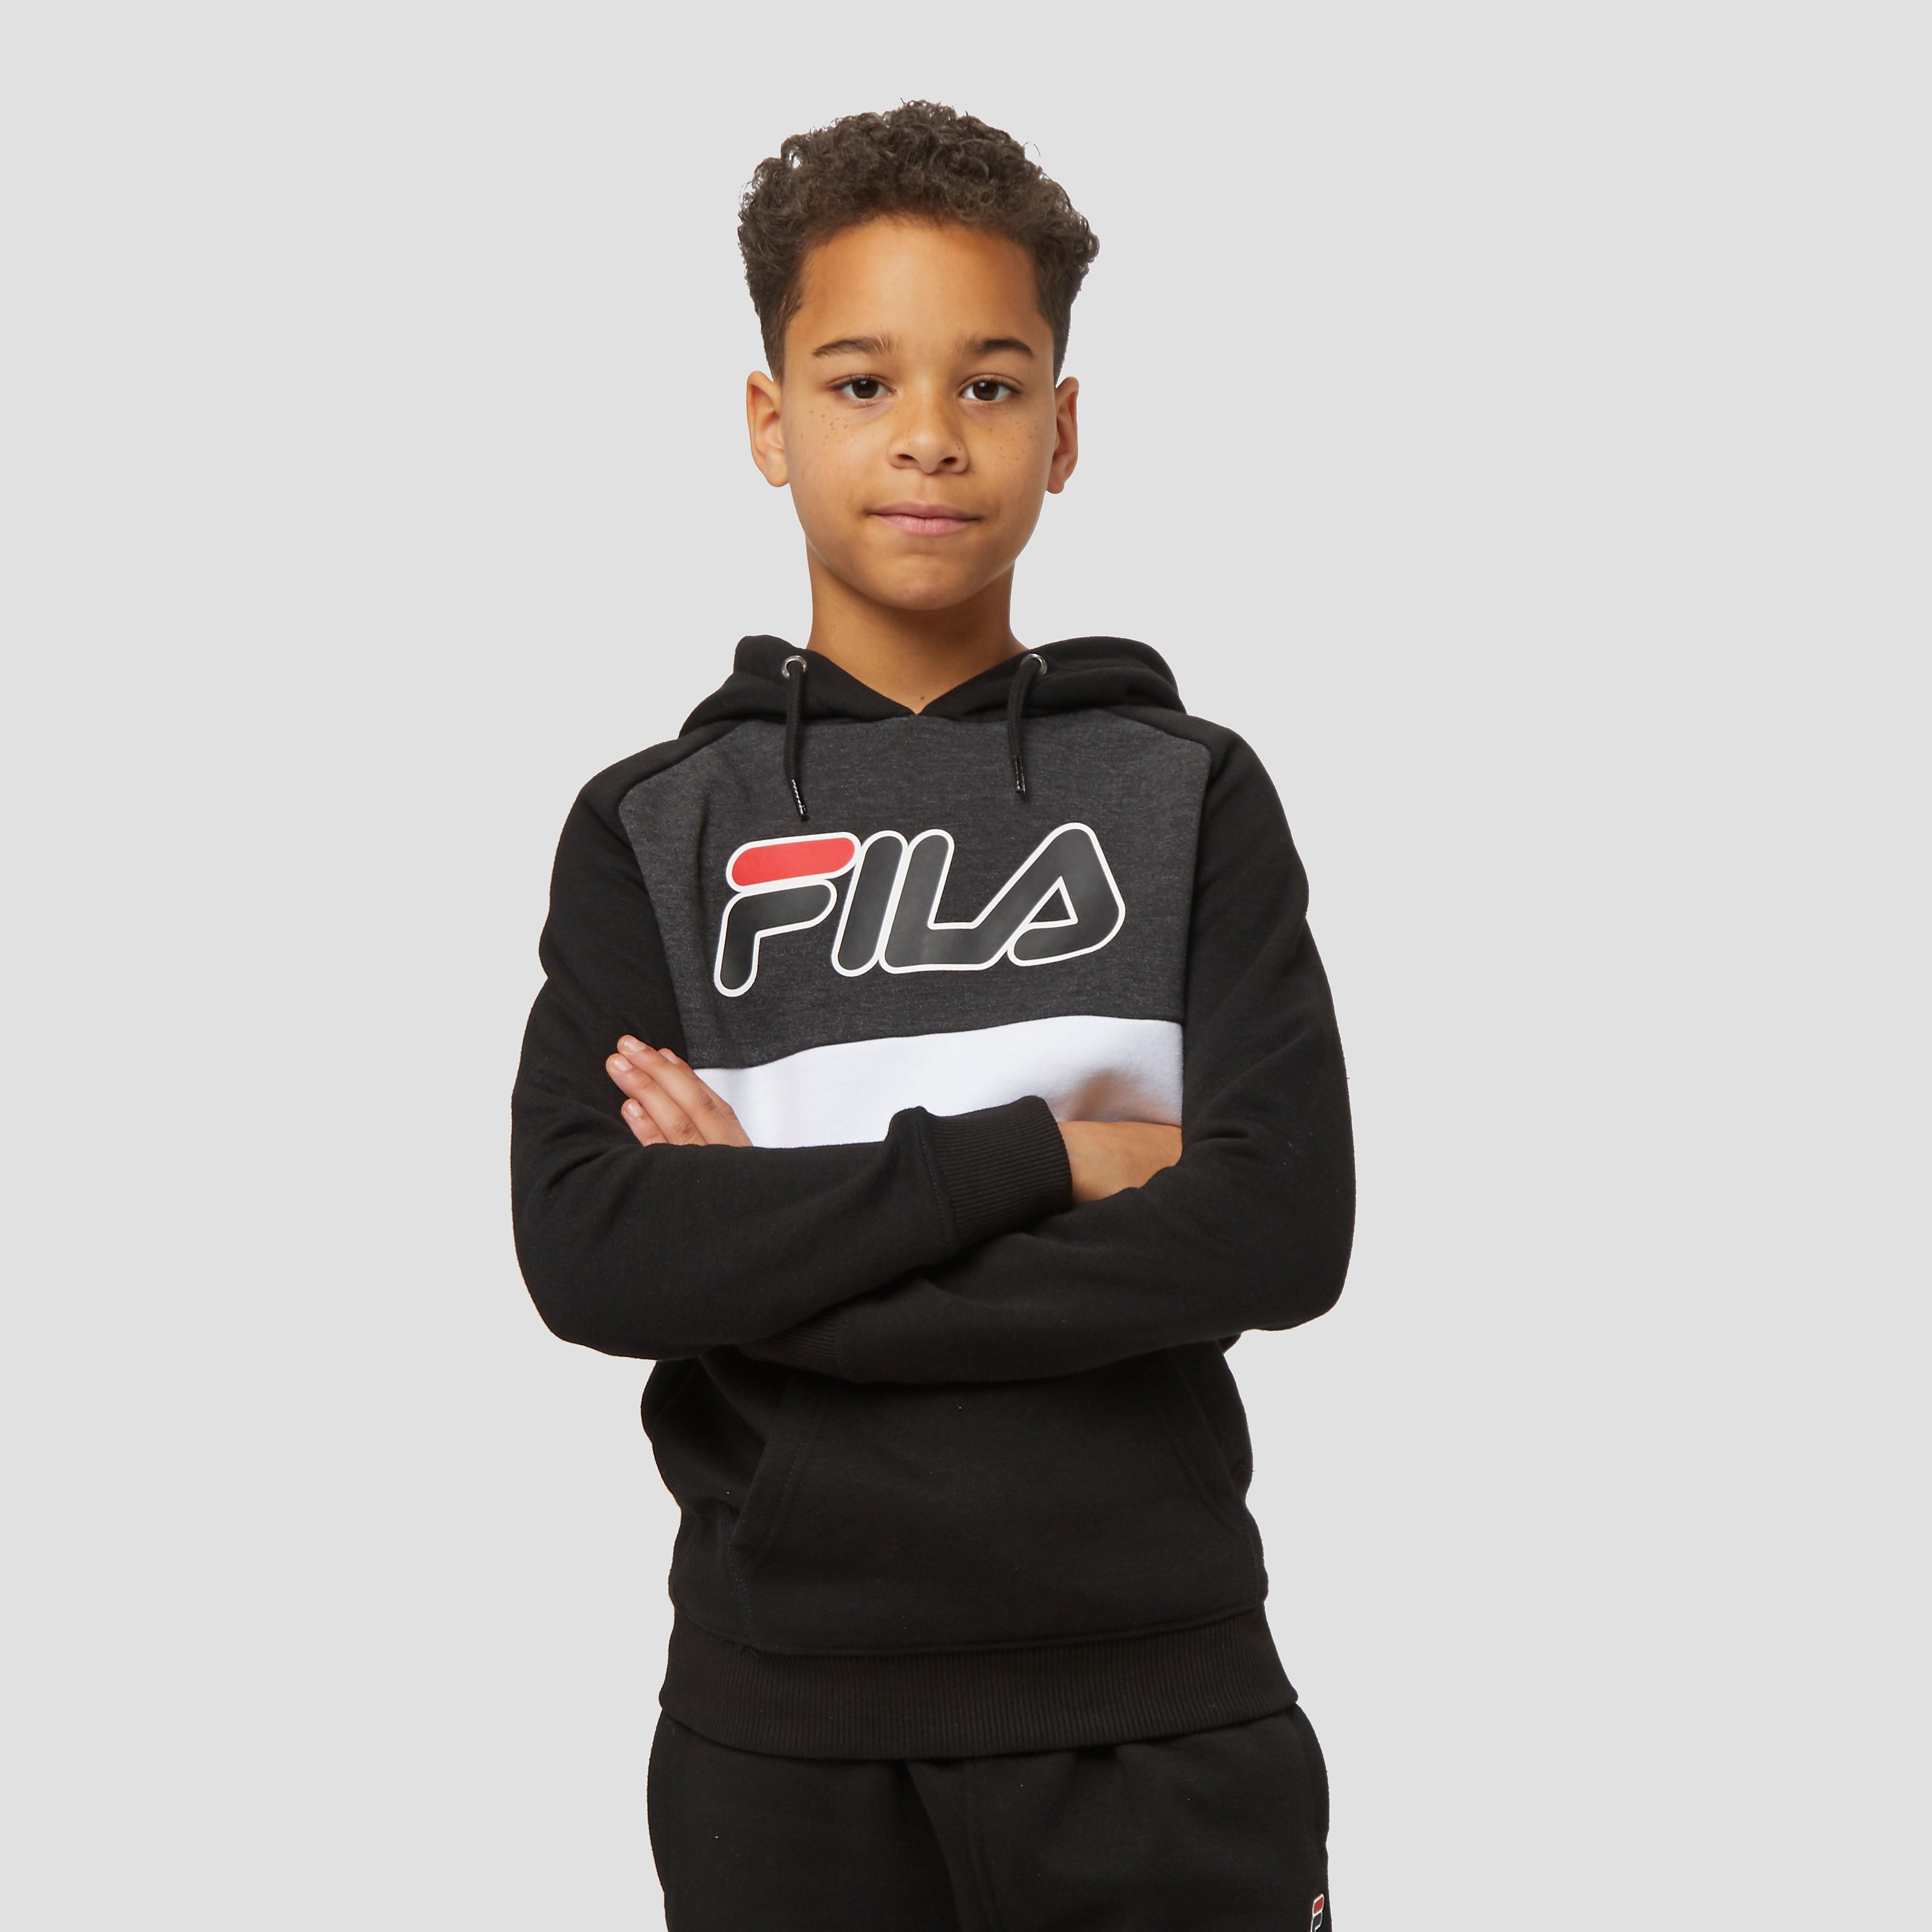 FILA Giovanni trui zwart/grijs kinderen Kinderen